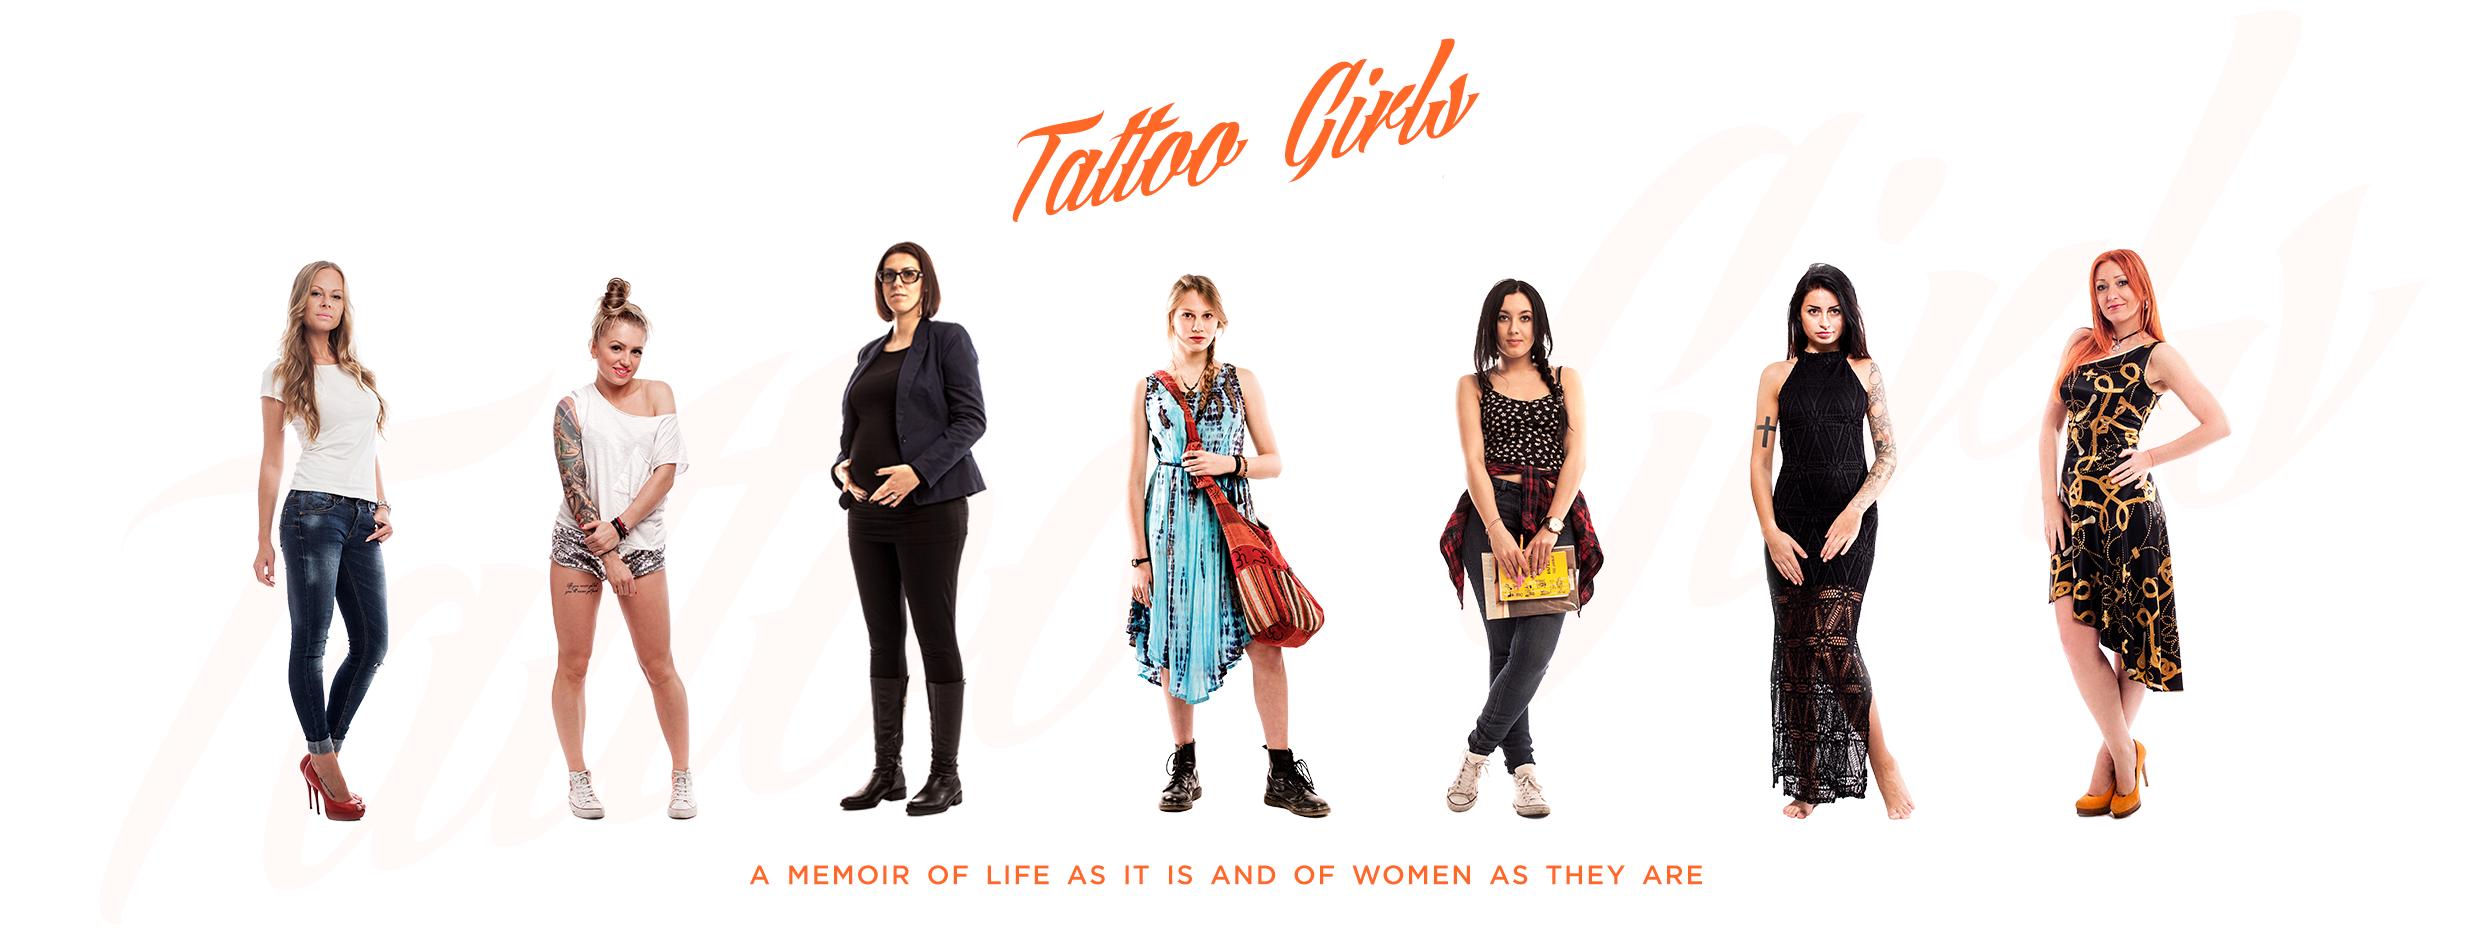 Tattoo_Girls_banner_facebook_3 copy